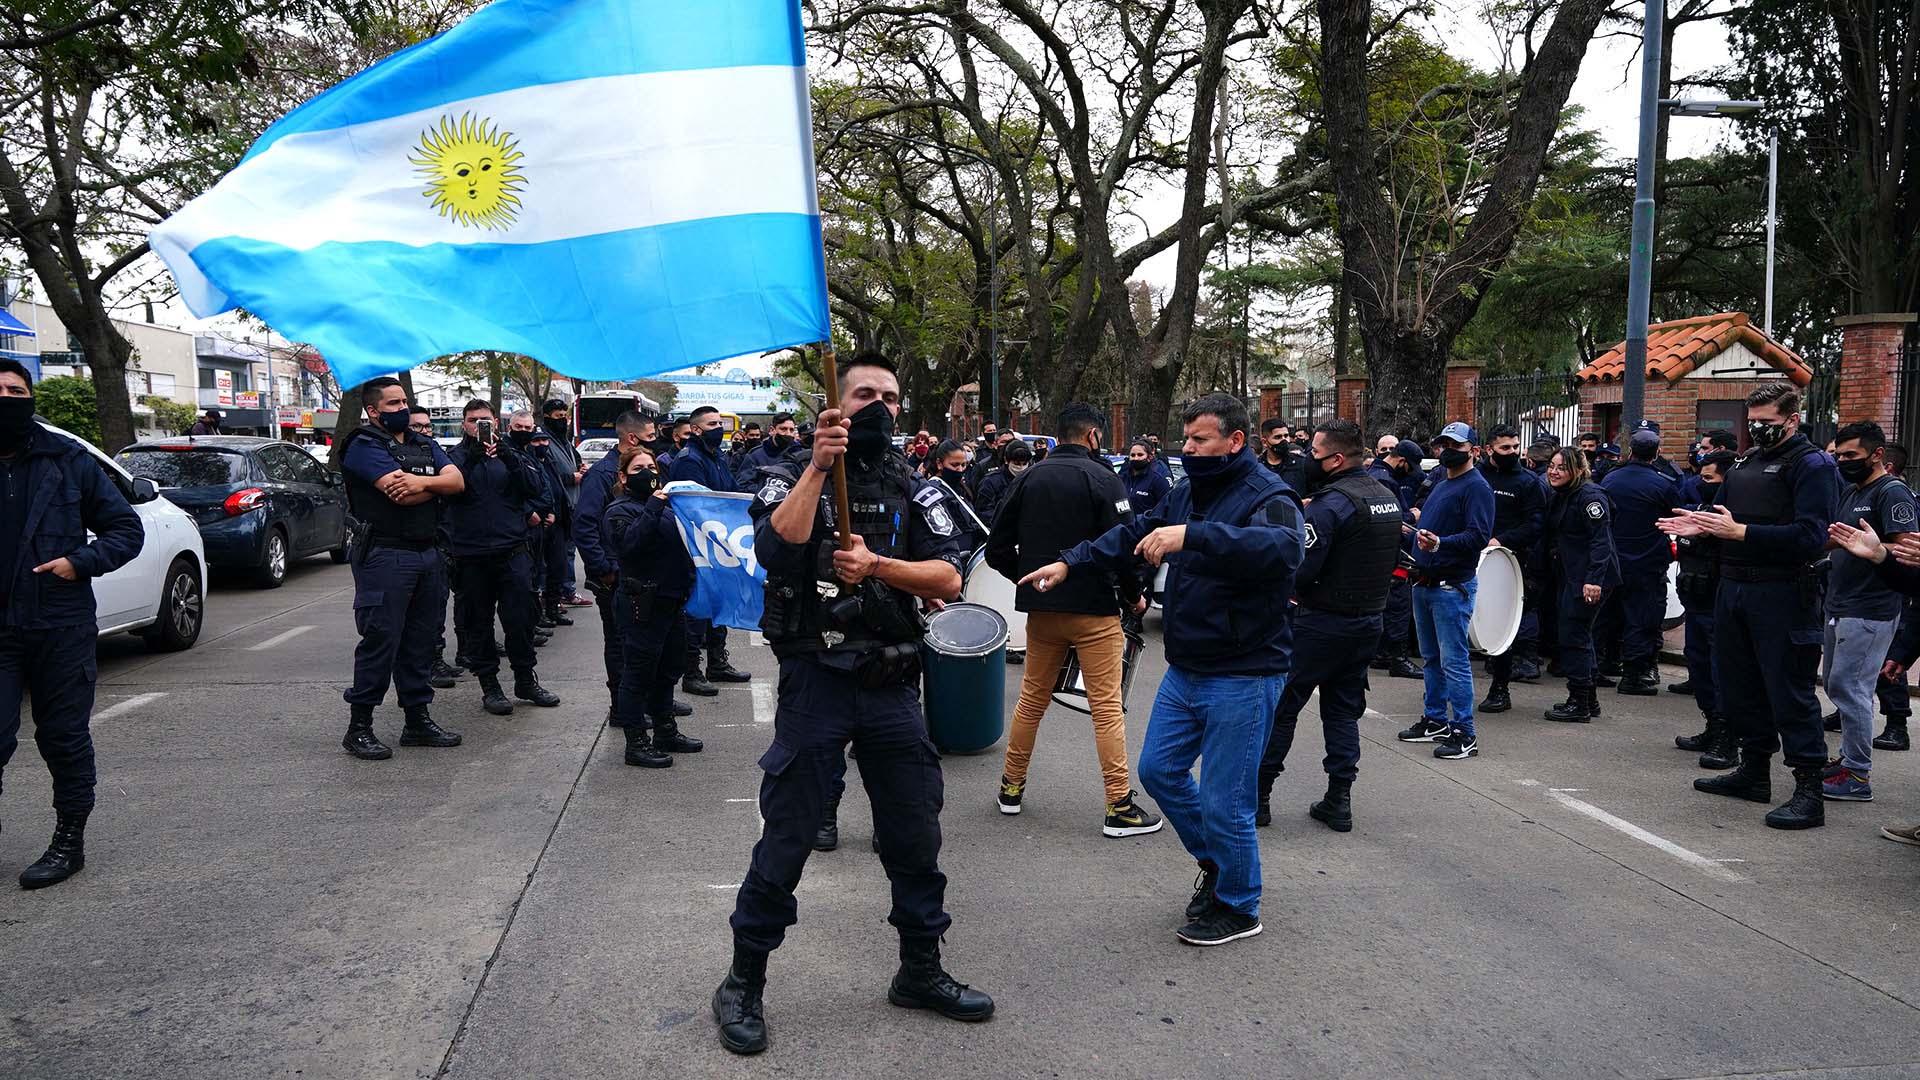 El reclamo escaló hasta la Quinta de Olivos: efectivos de la Policía Bonaerense protestaron frente a la residencia presidencial con el sonido de las sirenas para reclamar por mejores condiciones laborales y aumento de salarios